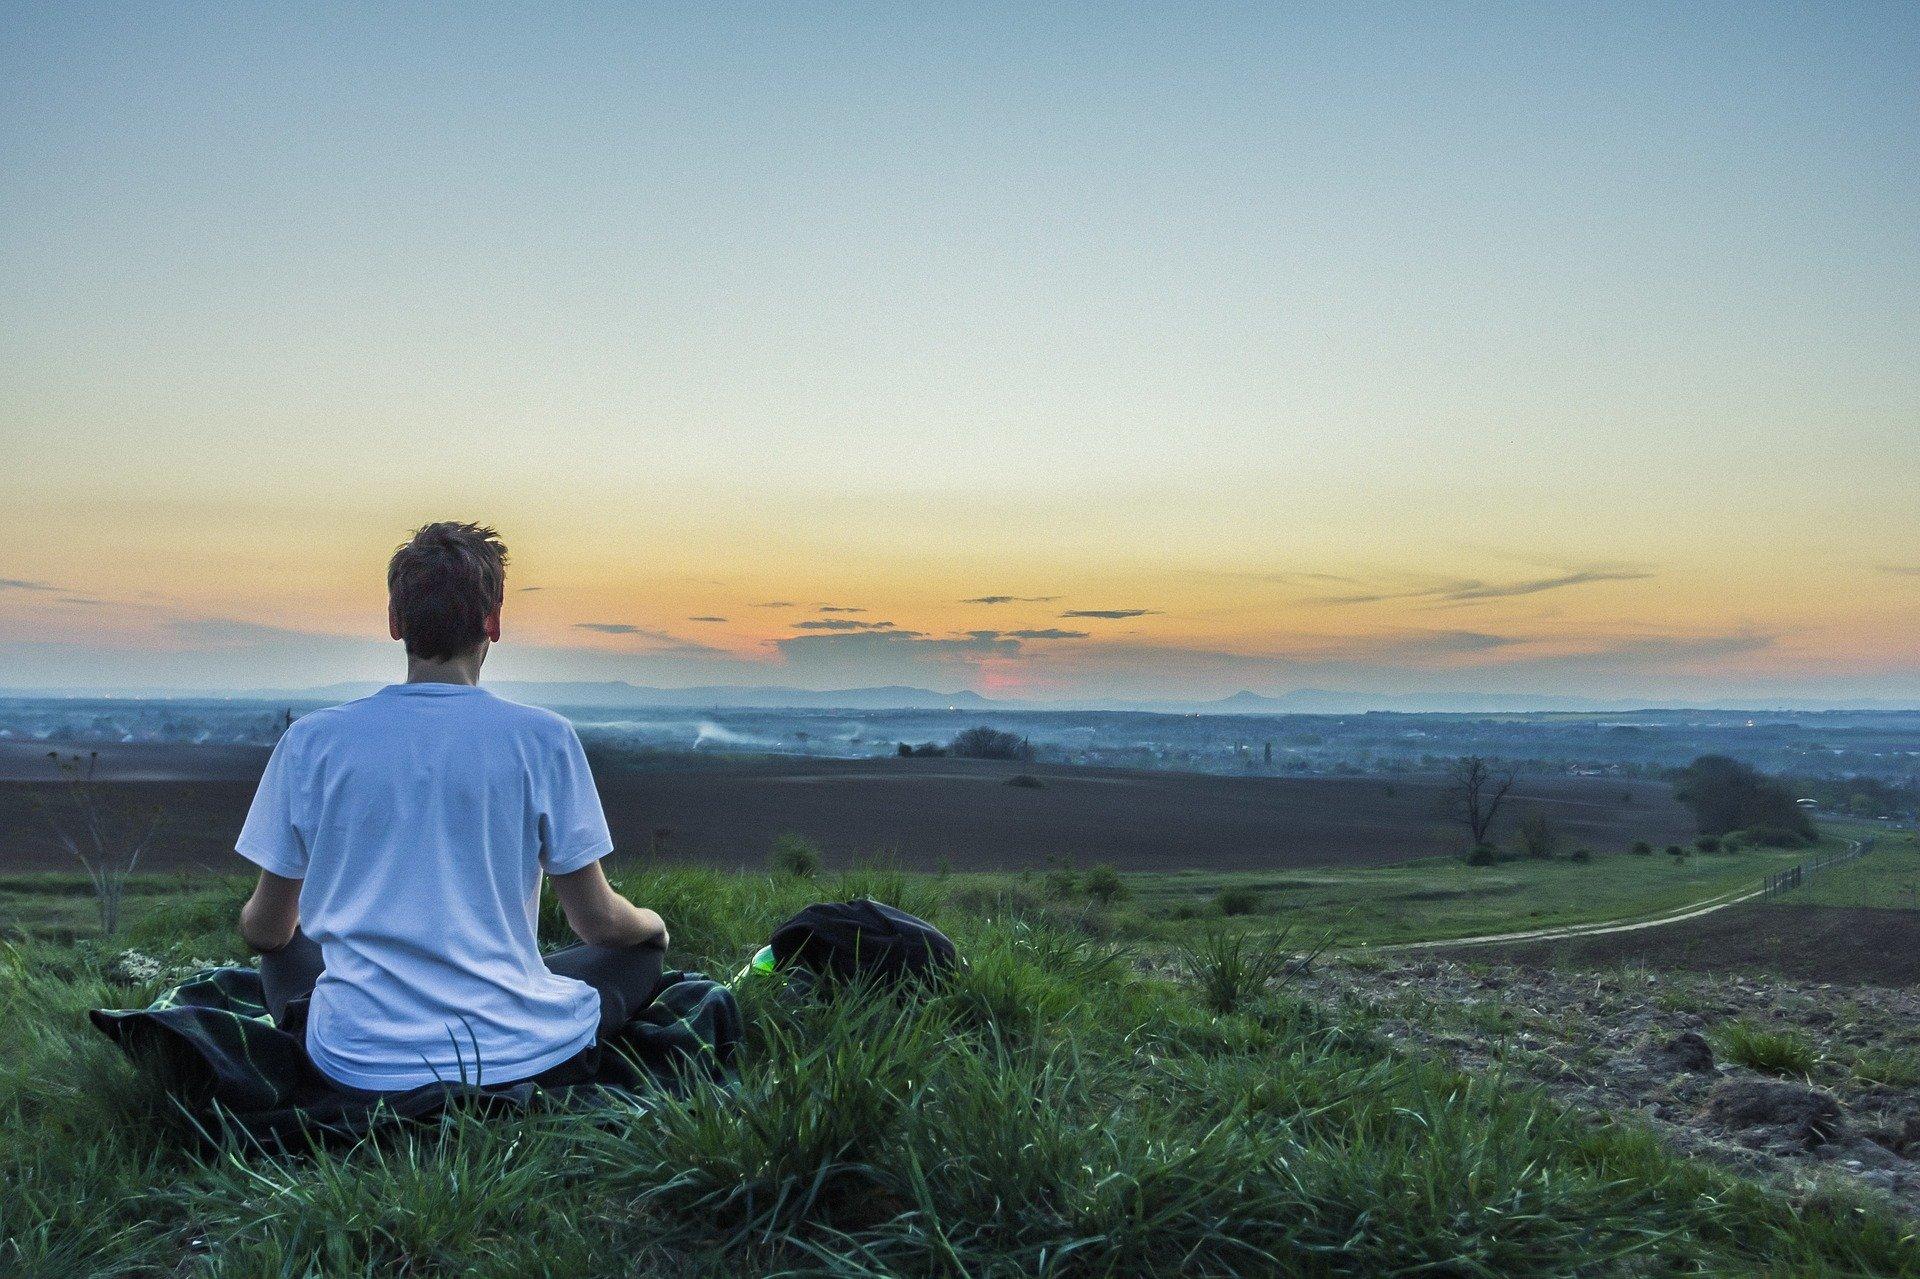 O Autoconhecimento ajuda a afastar a insegurança e, ainda, melhora a inteligência emocional e a qualidade dos relacionamentos